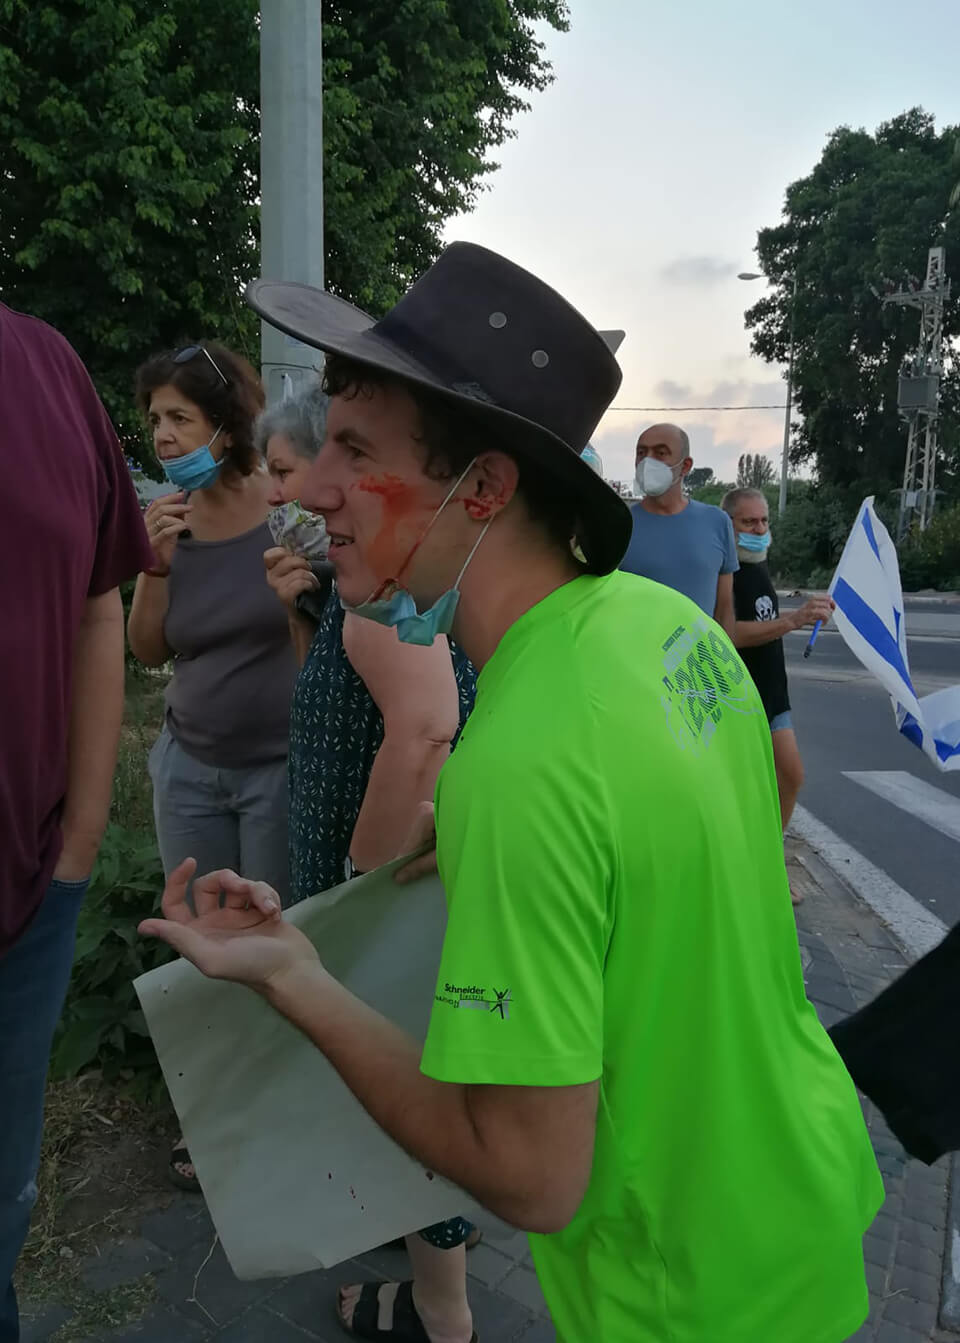 """""""היה לו רצח בעיניים"""". קדוש לאחר שנפגע בפניו בהפגנה (צילום: נדין וול)"""